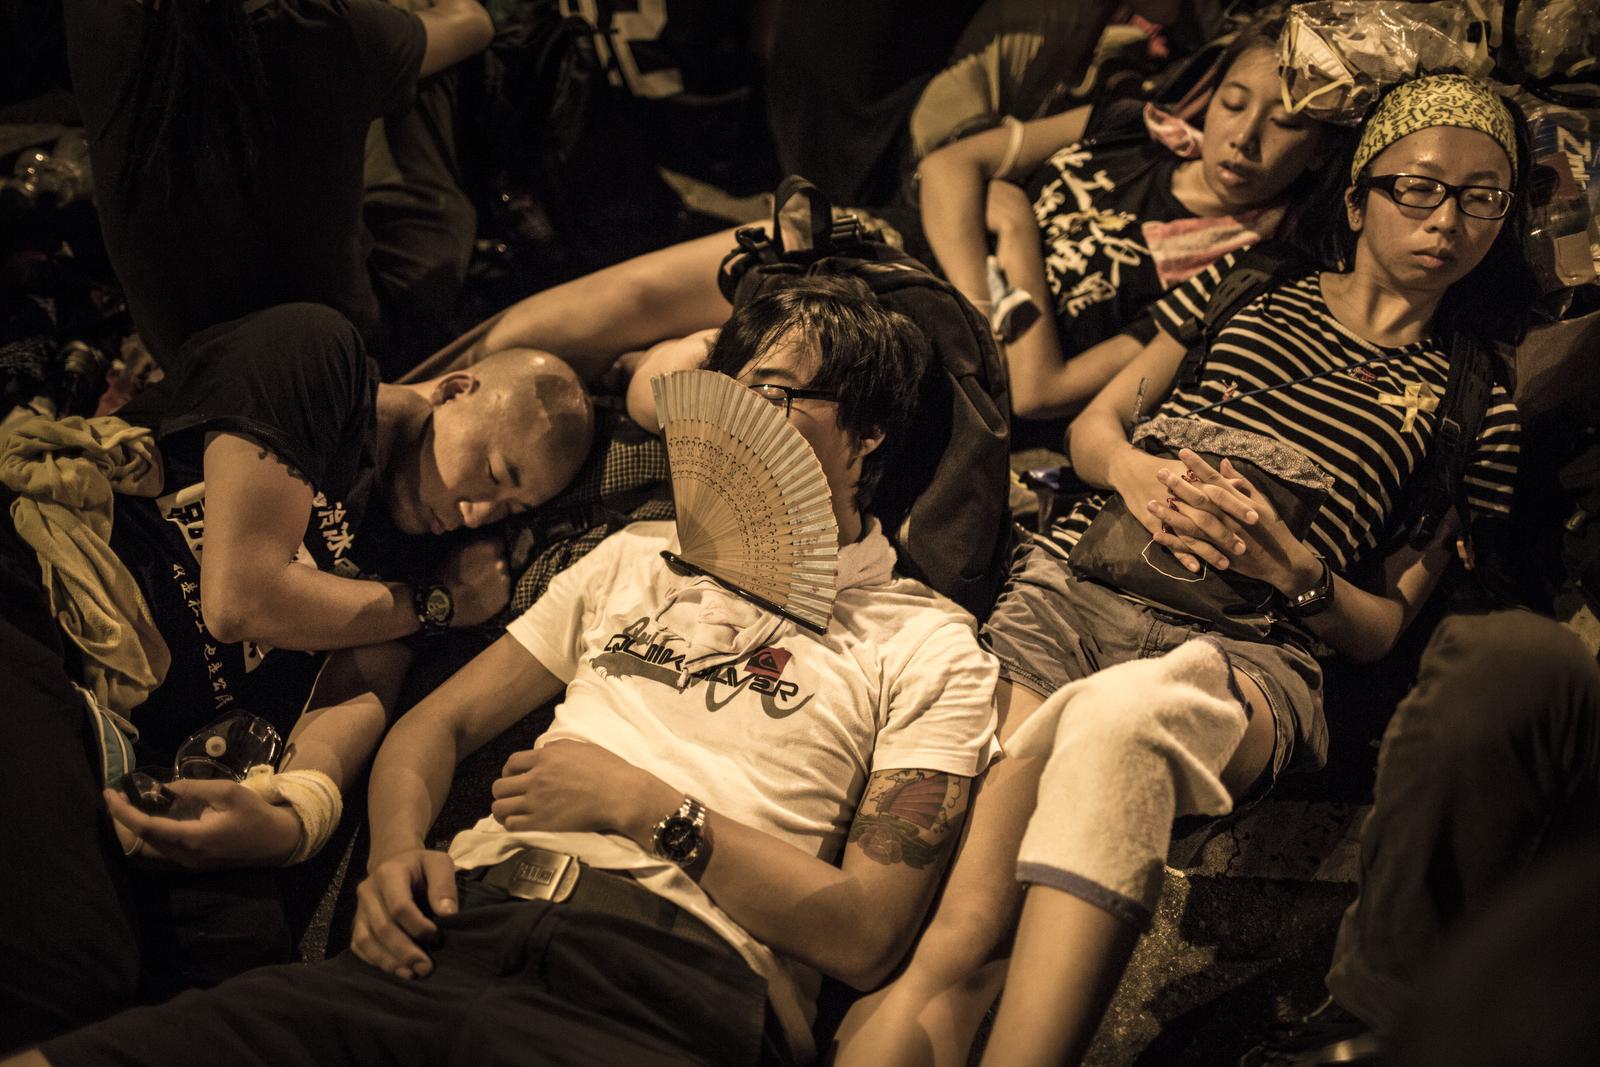 MATHIEU_WILLCOCKS_Hong Kong_Protest_0012.jpg